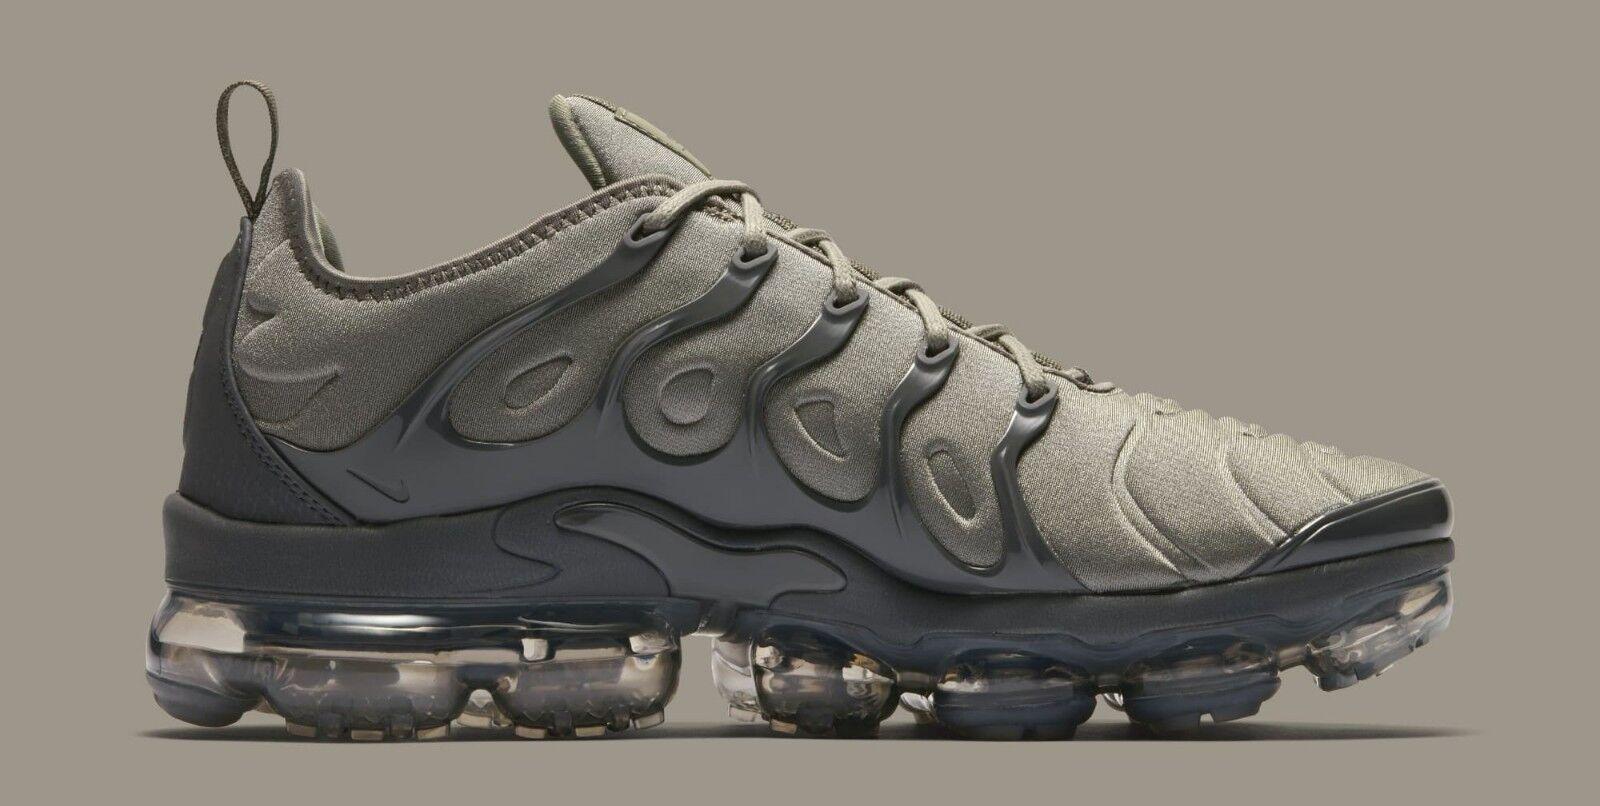 Nike air vapormax plus Größe 11,5.dunkle stuck stuck stuck dunkelgrau.at5681-001.97 95 57f347